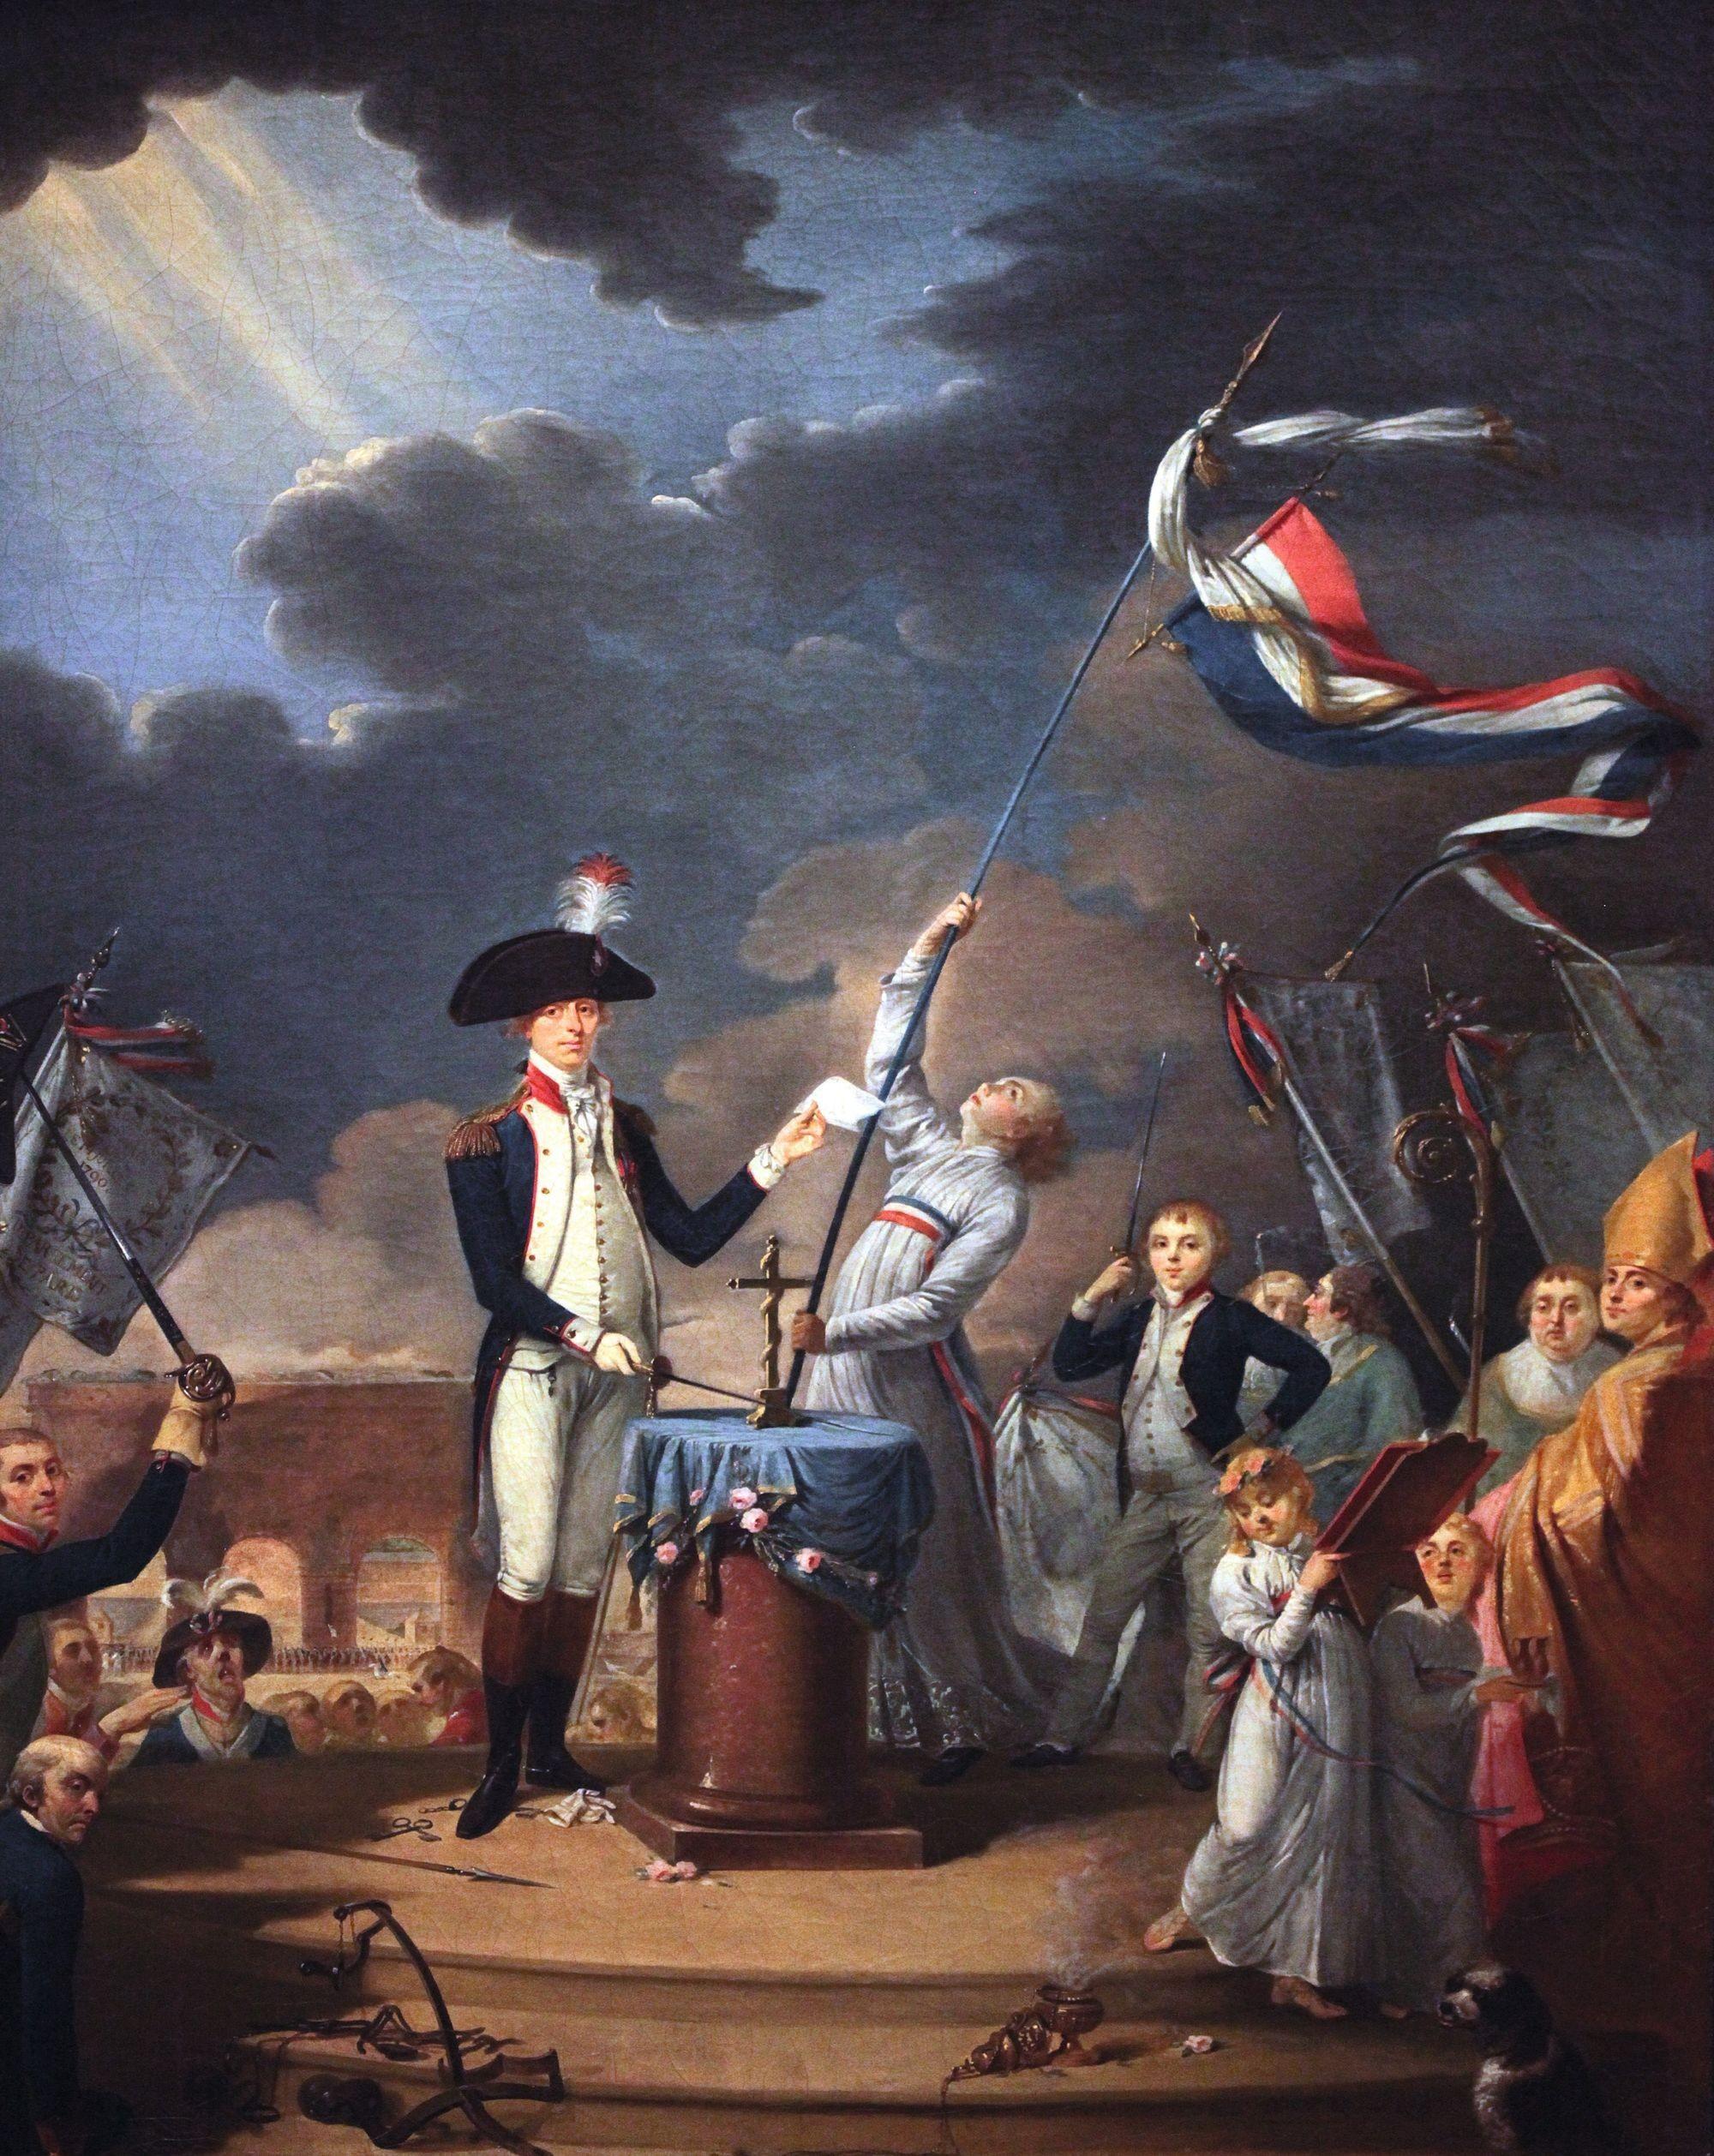 Louis David, Serment de La Fayette à la fête de la Fédération